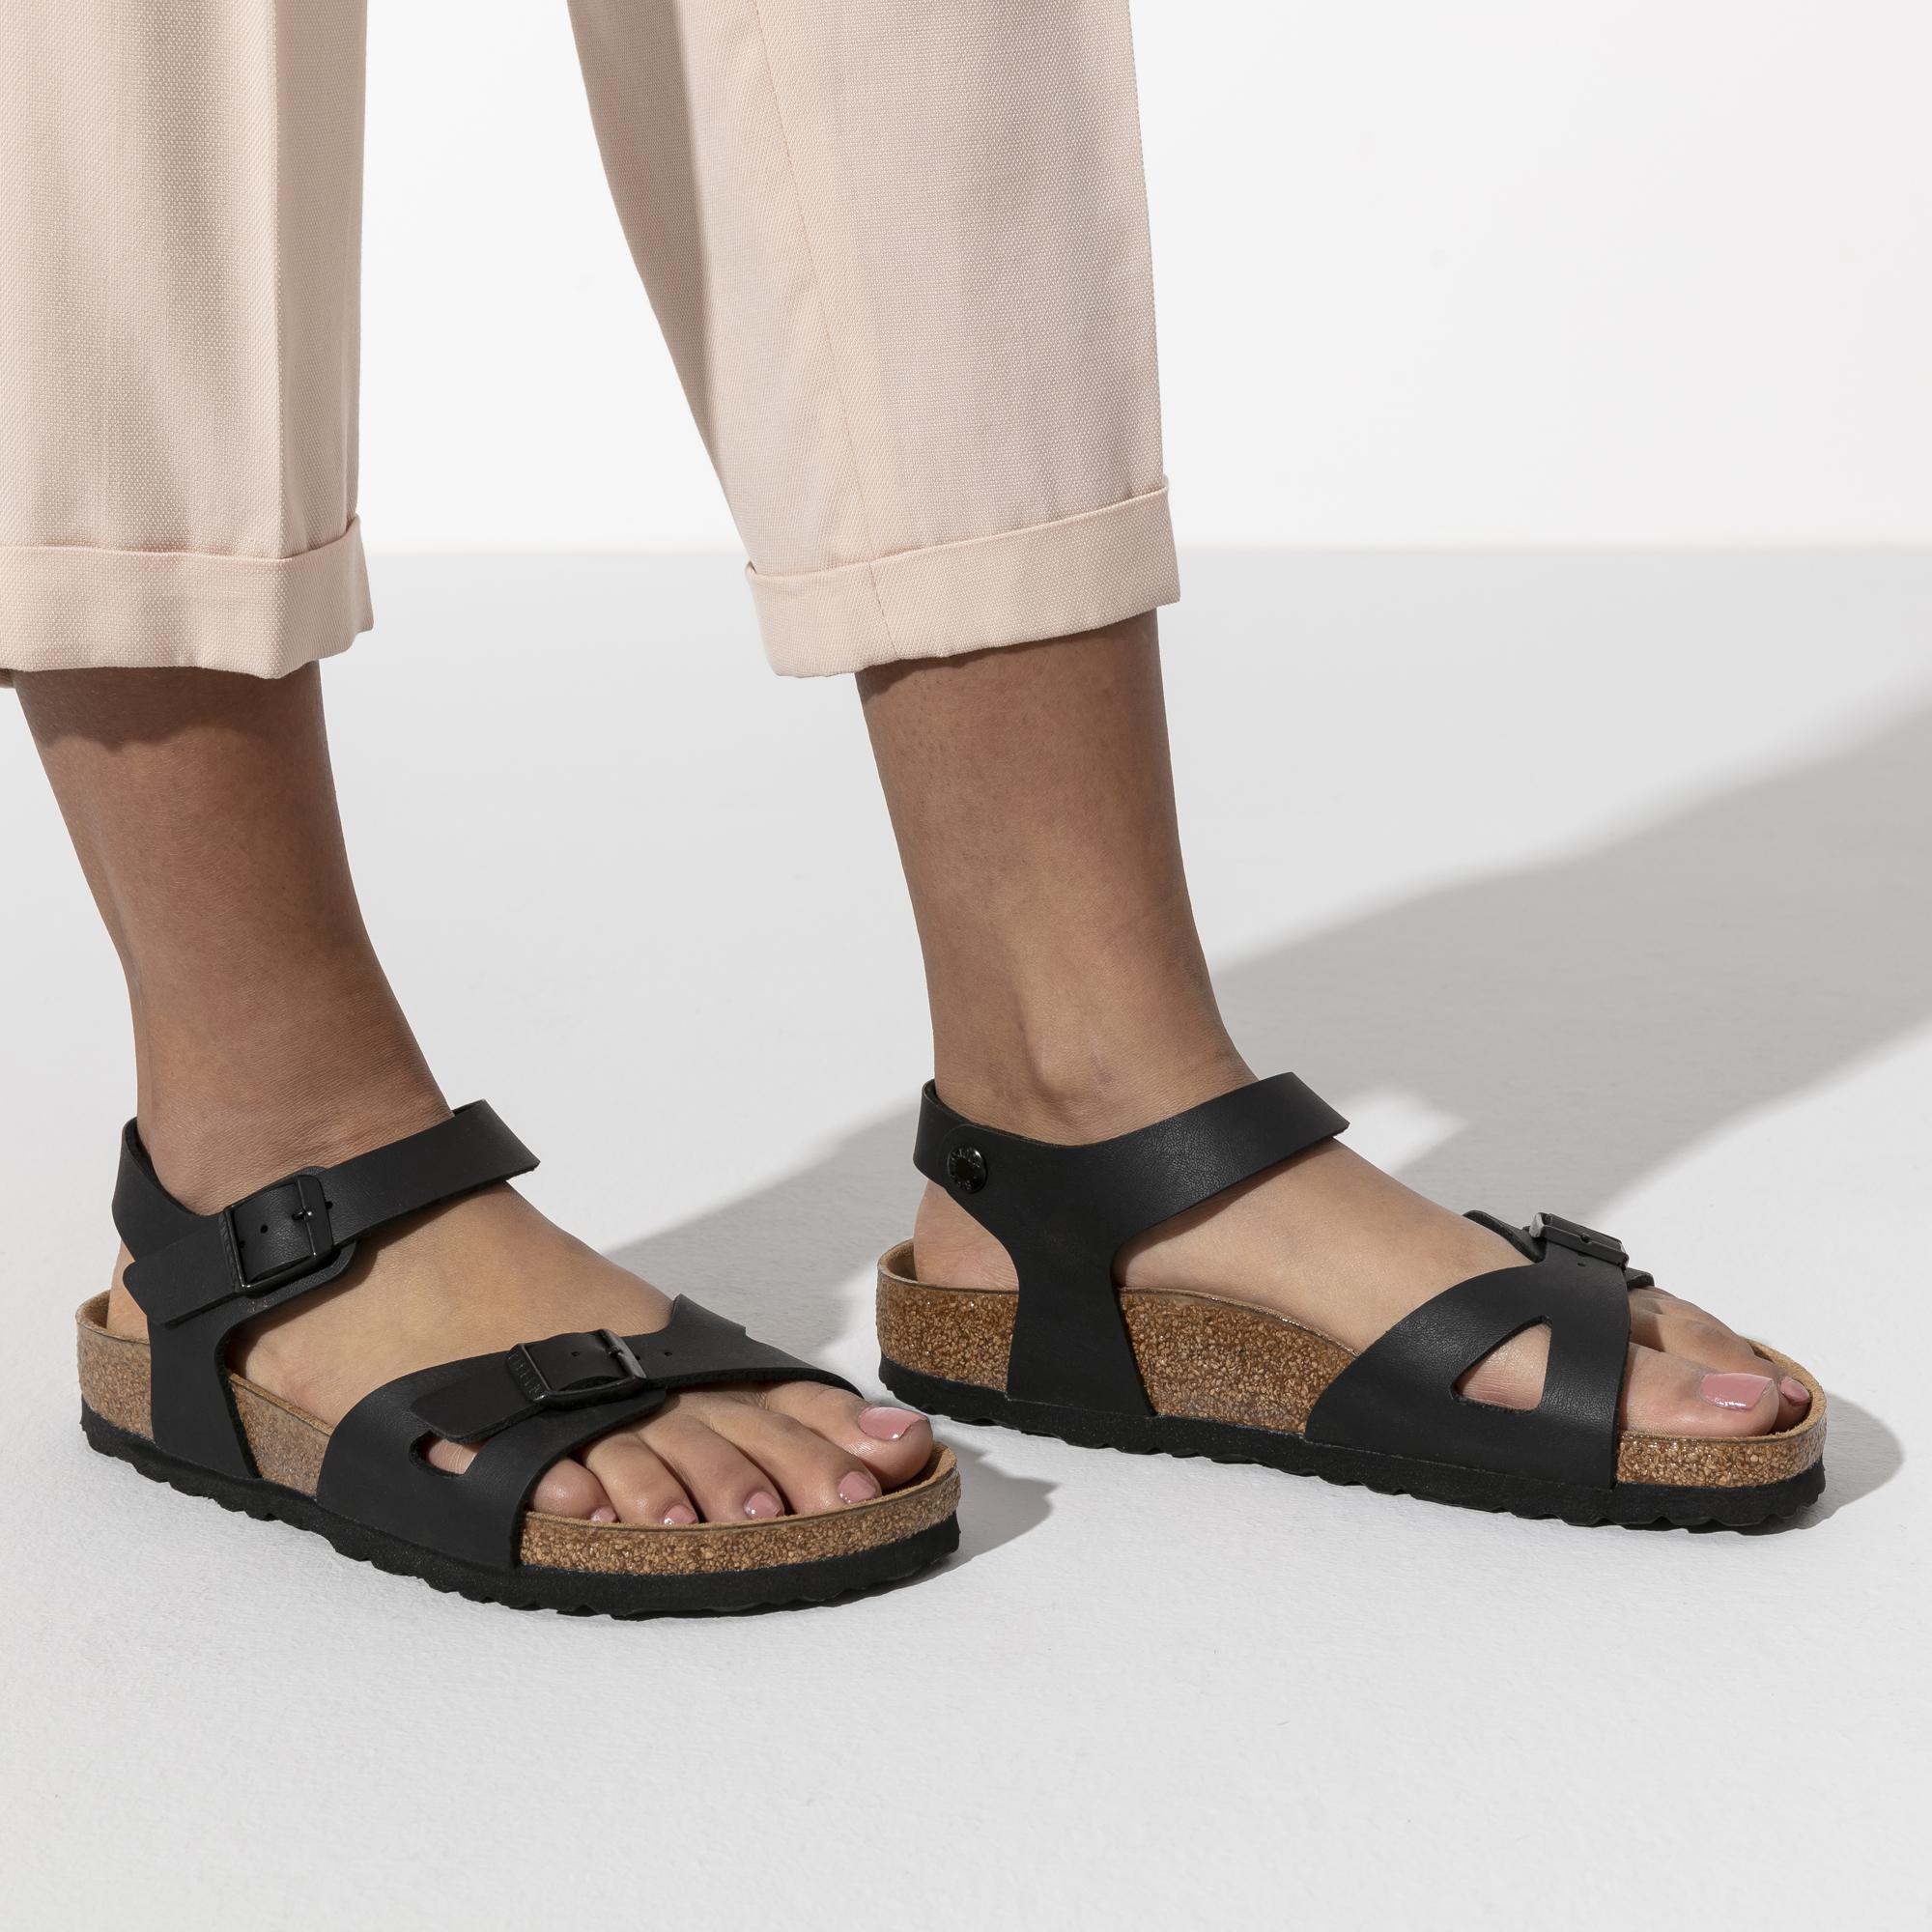 Birkenstock Rio sandals d162Epnof8